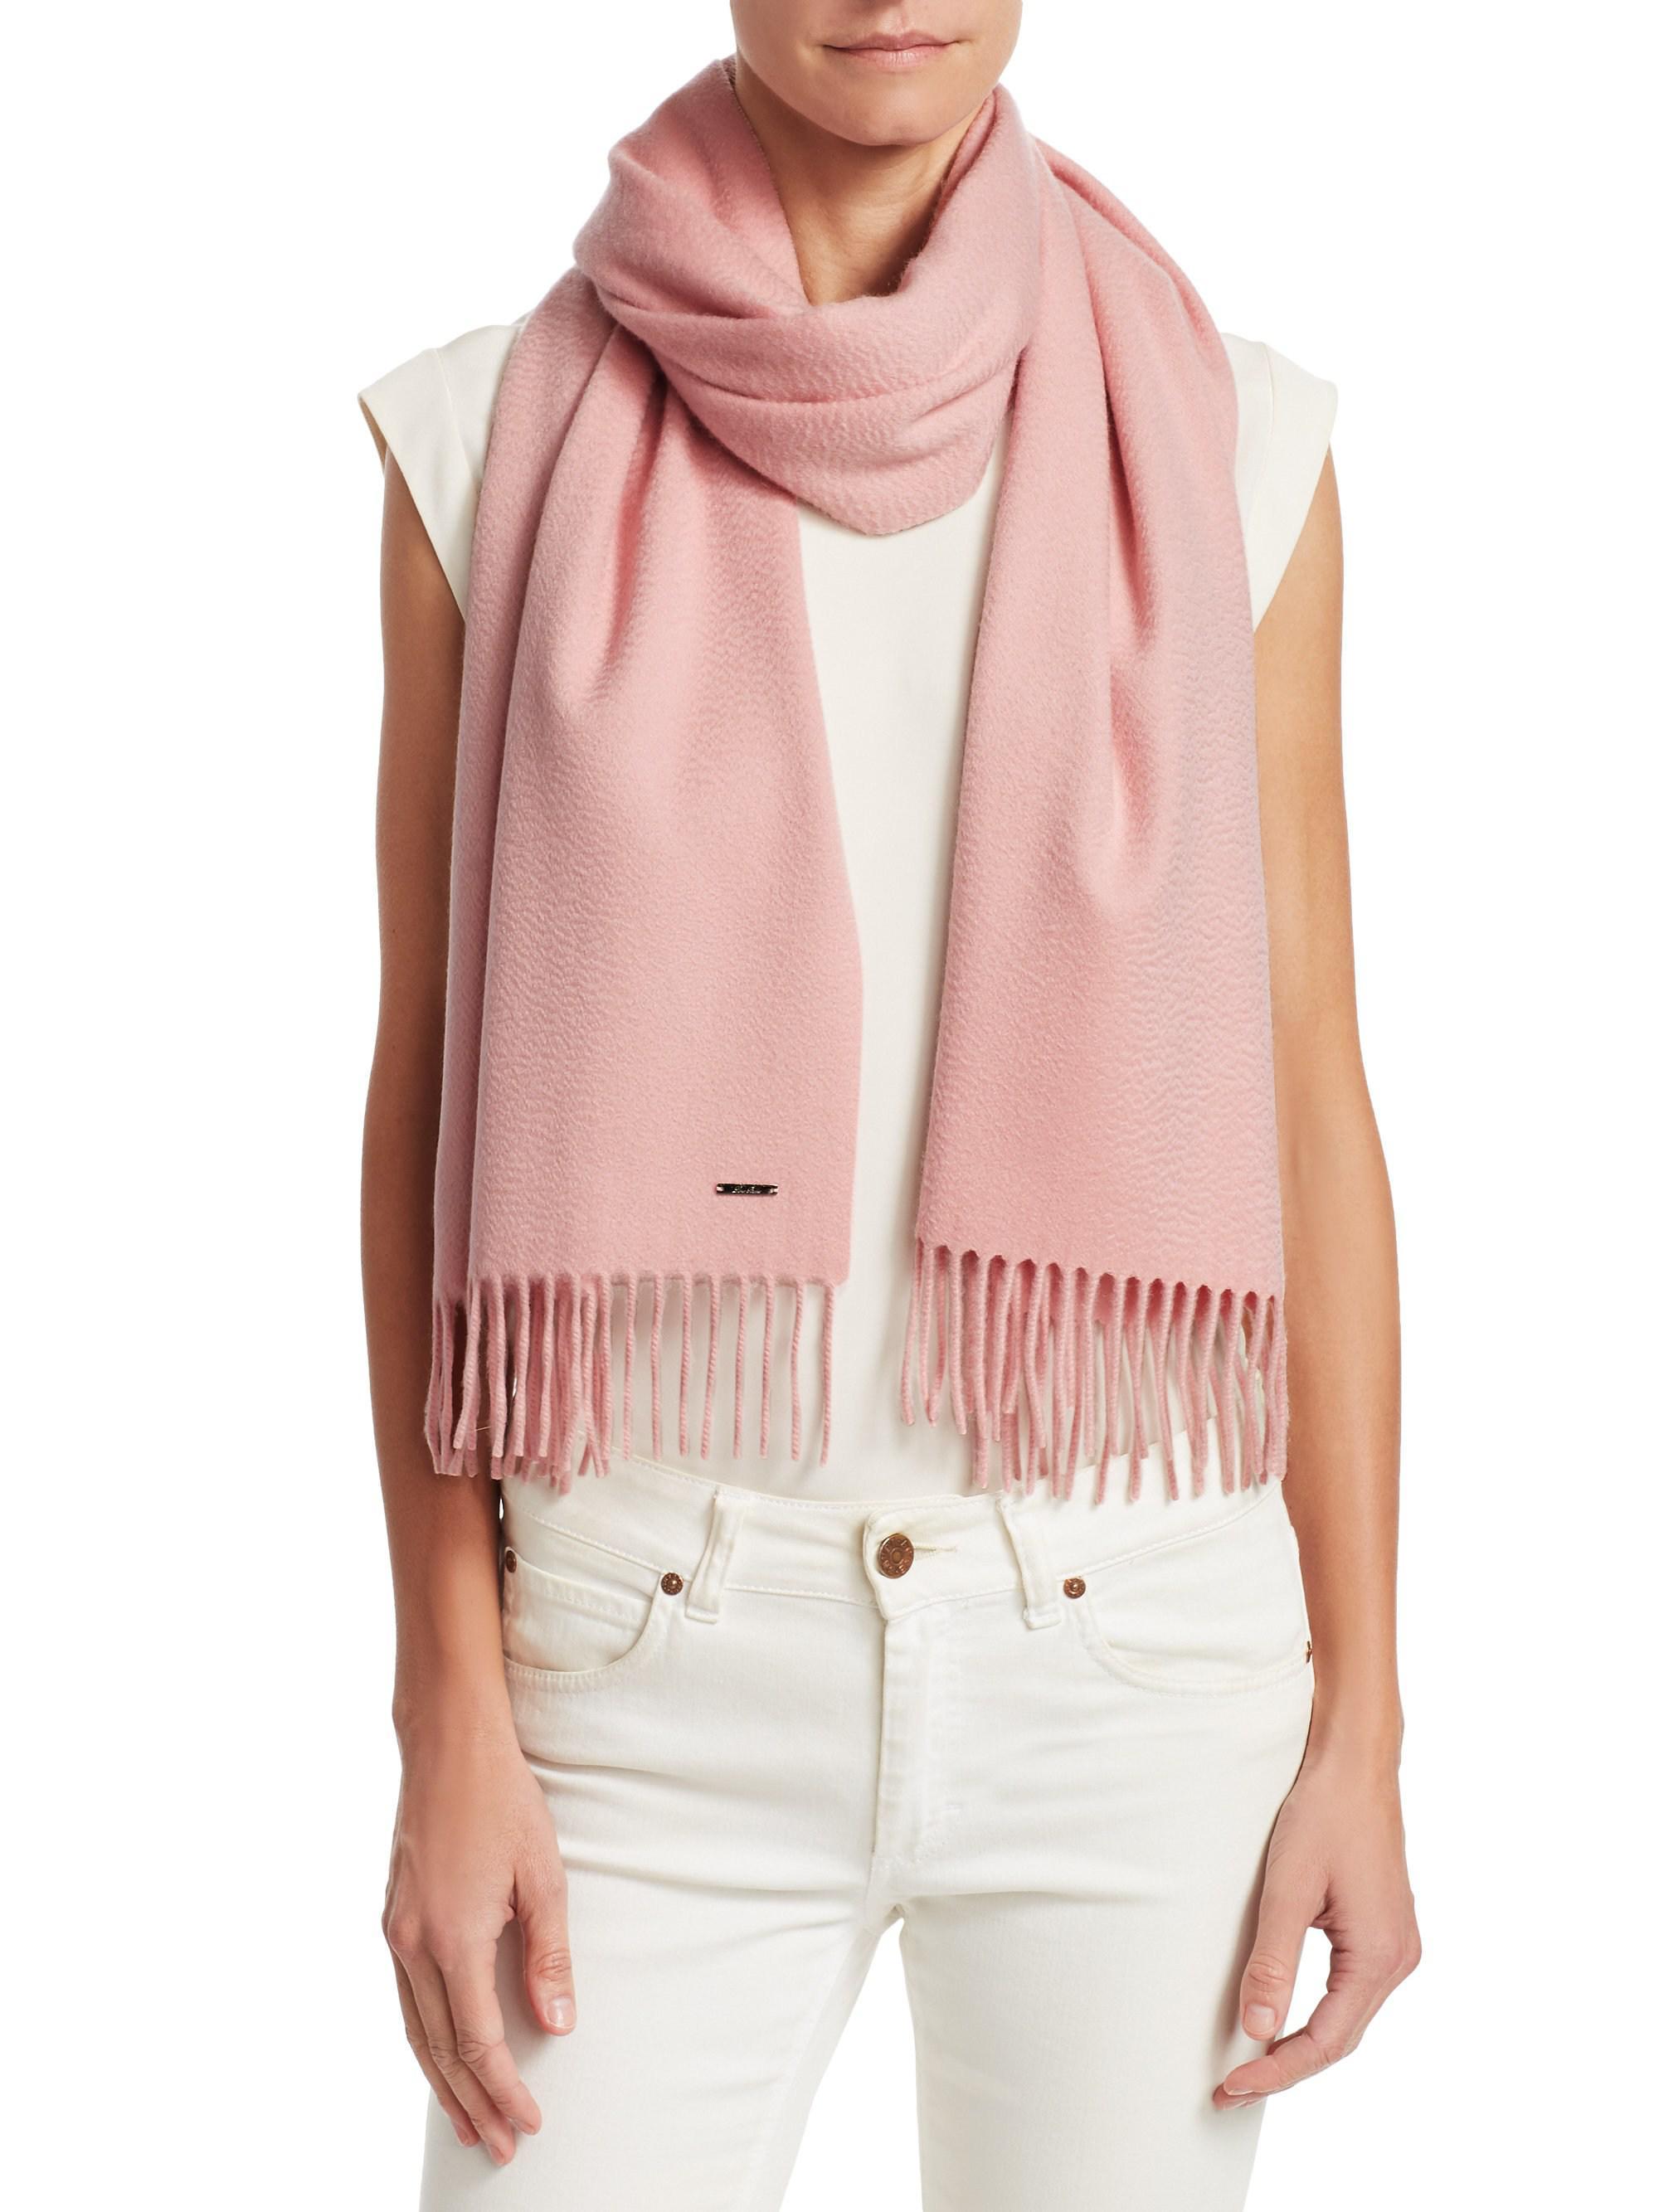 selezione migliore 1b371 b86c4 Women's Pink Sciarpa Grande Cashmere Scarf